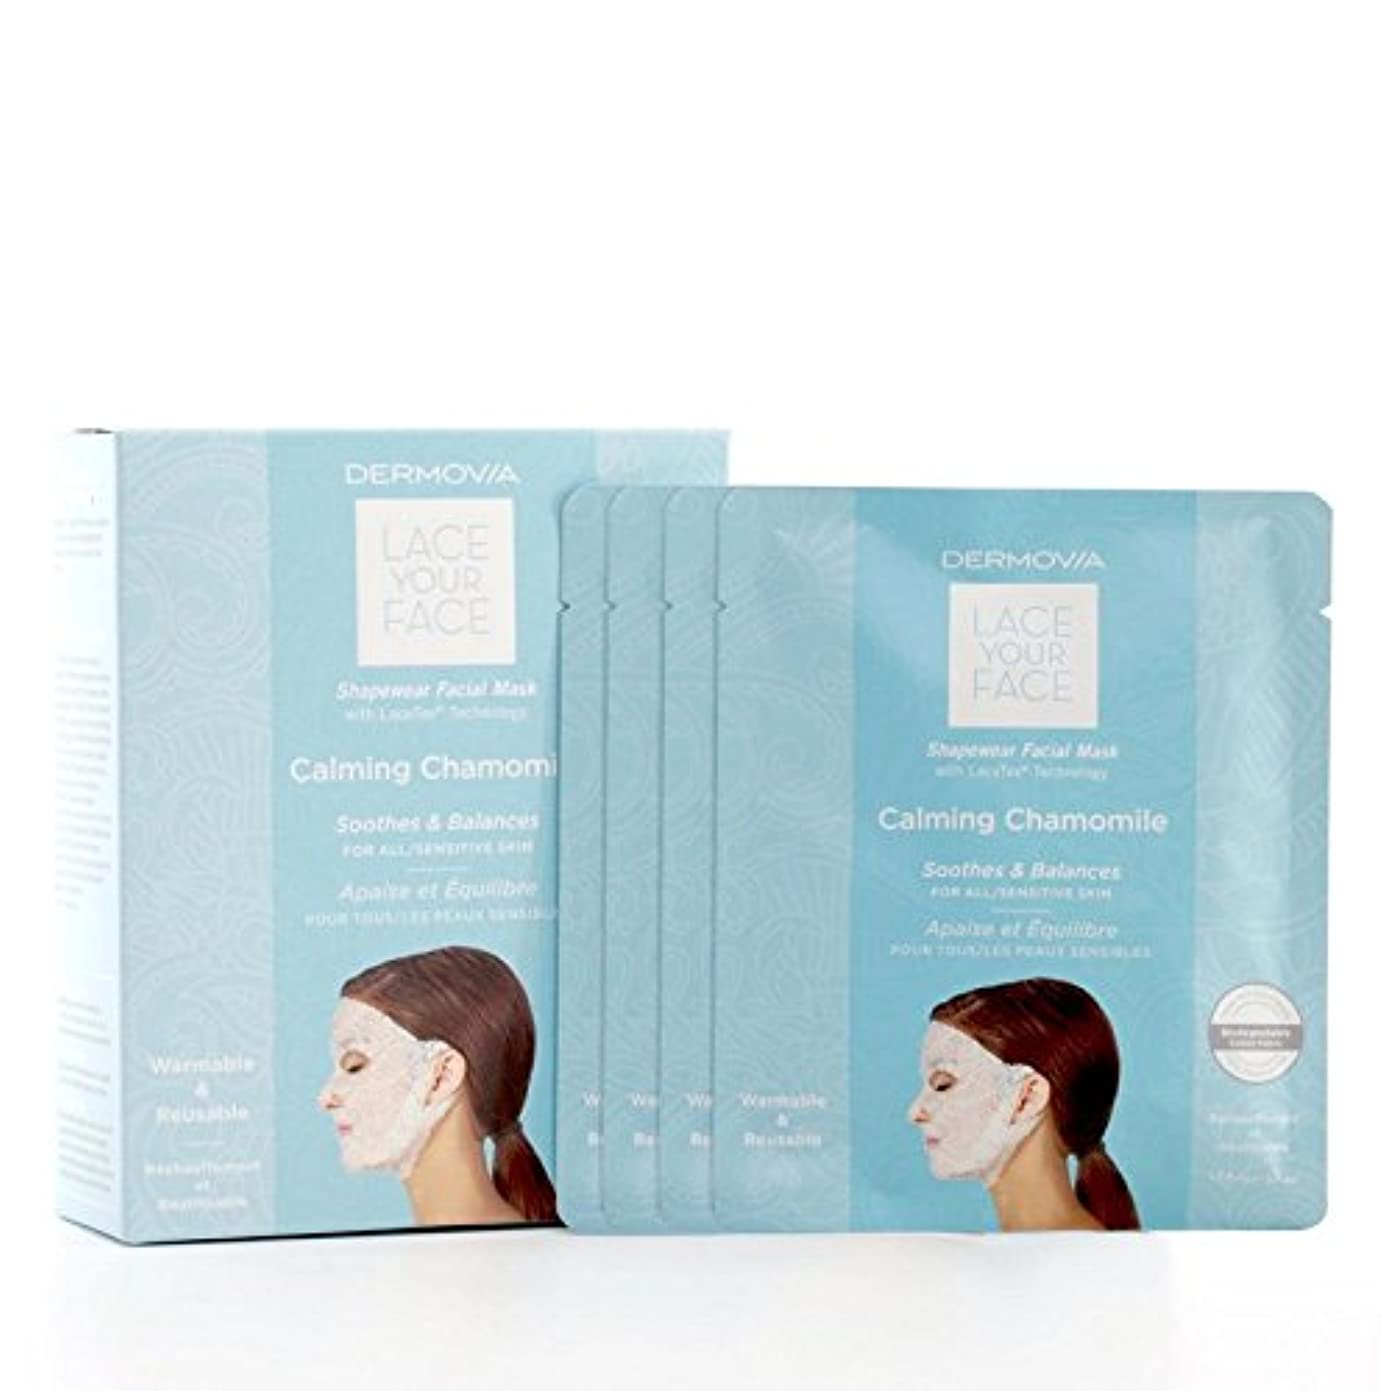 センター概して歴史的Dermovia Lace Your Face Compression Facial Mask Calming Chamomile - は、あなたの顔の圧縮フェイシャルマスク心を落ち着かせるカモミールをひもで締めます [...